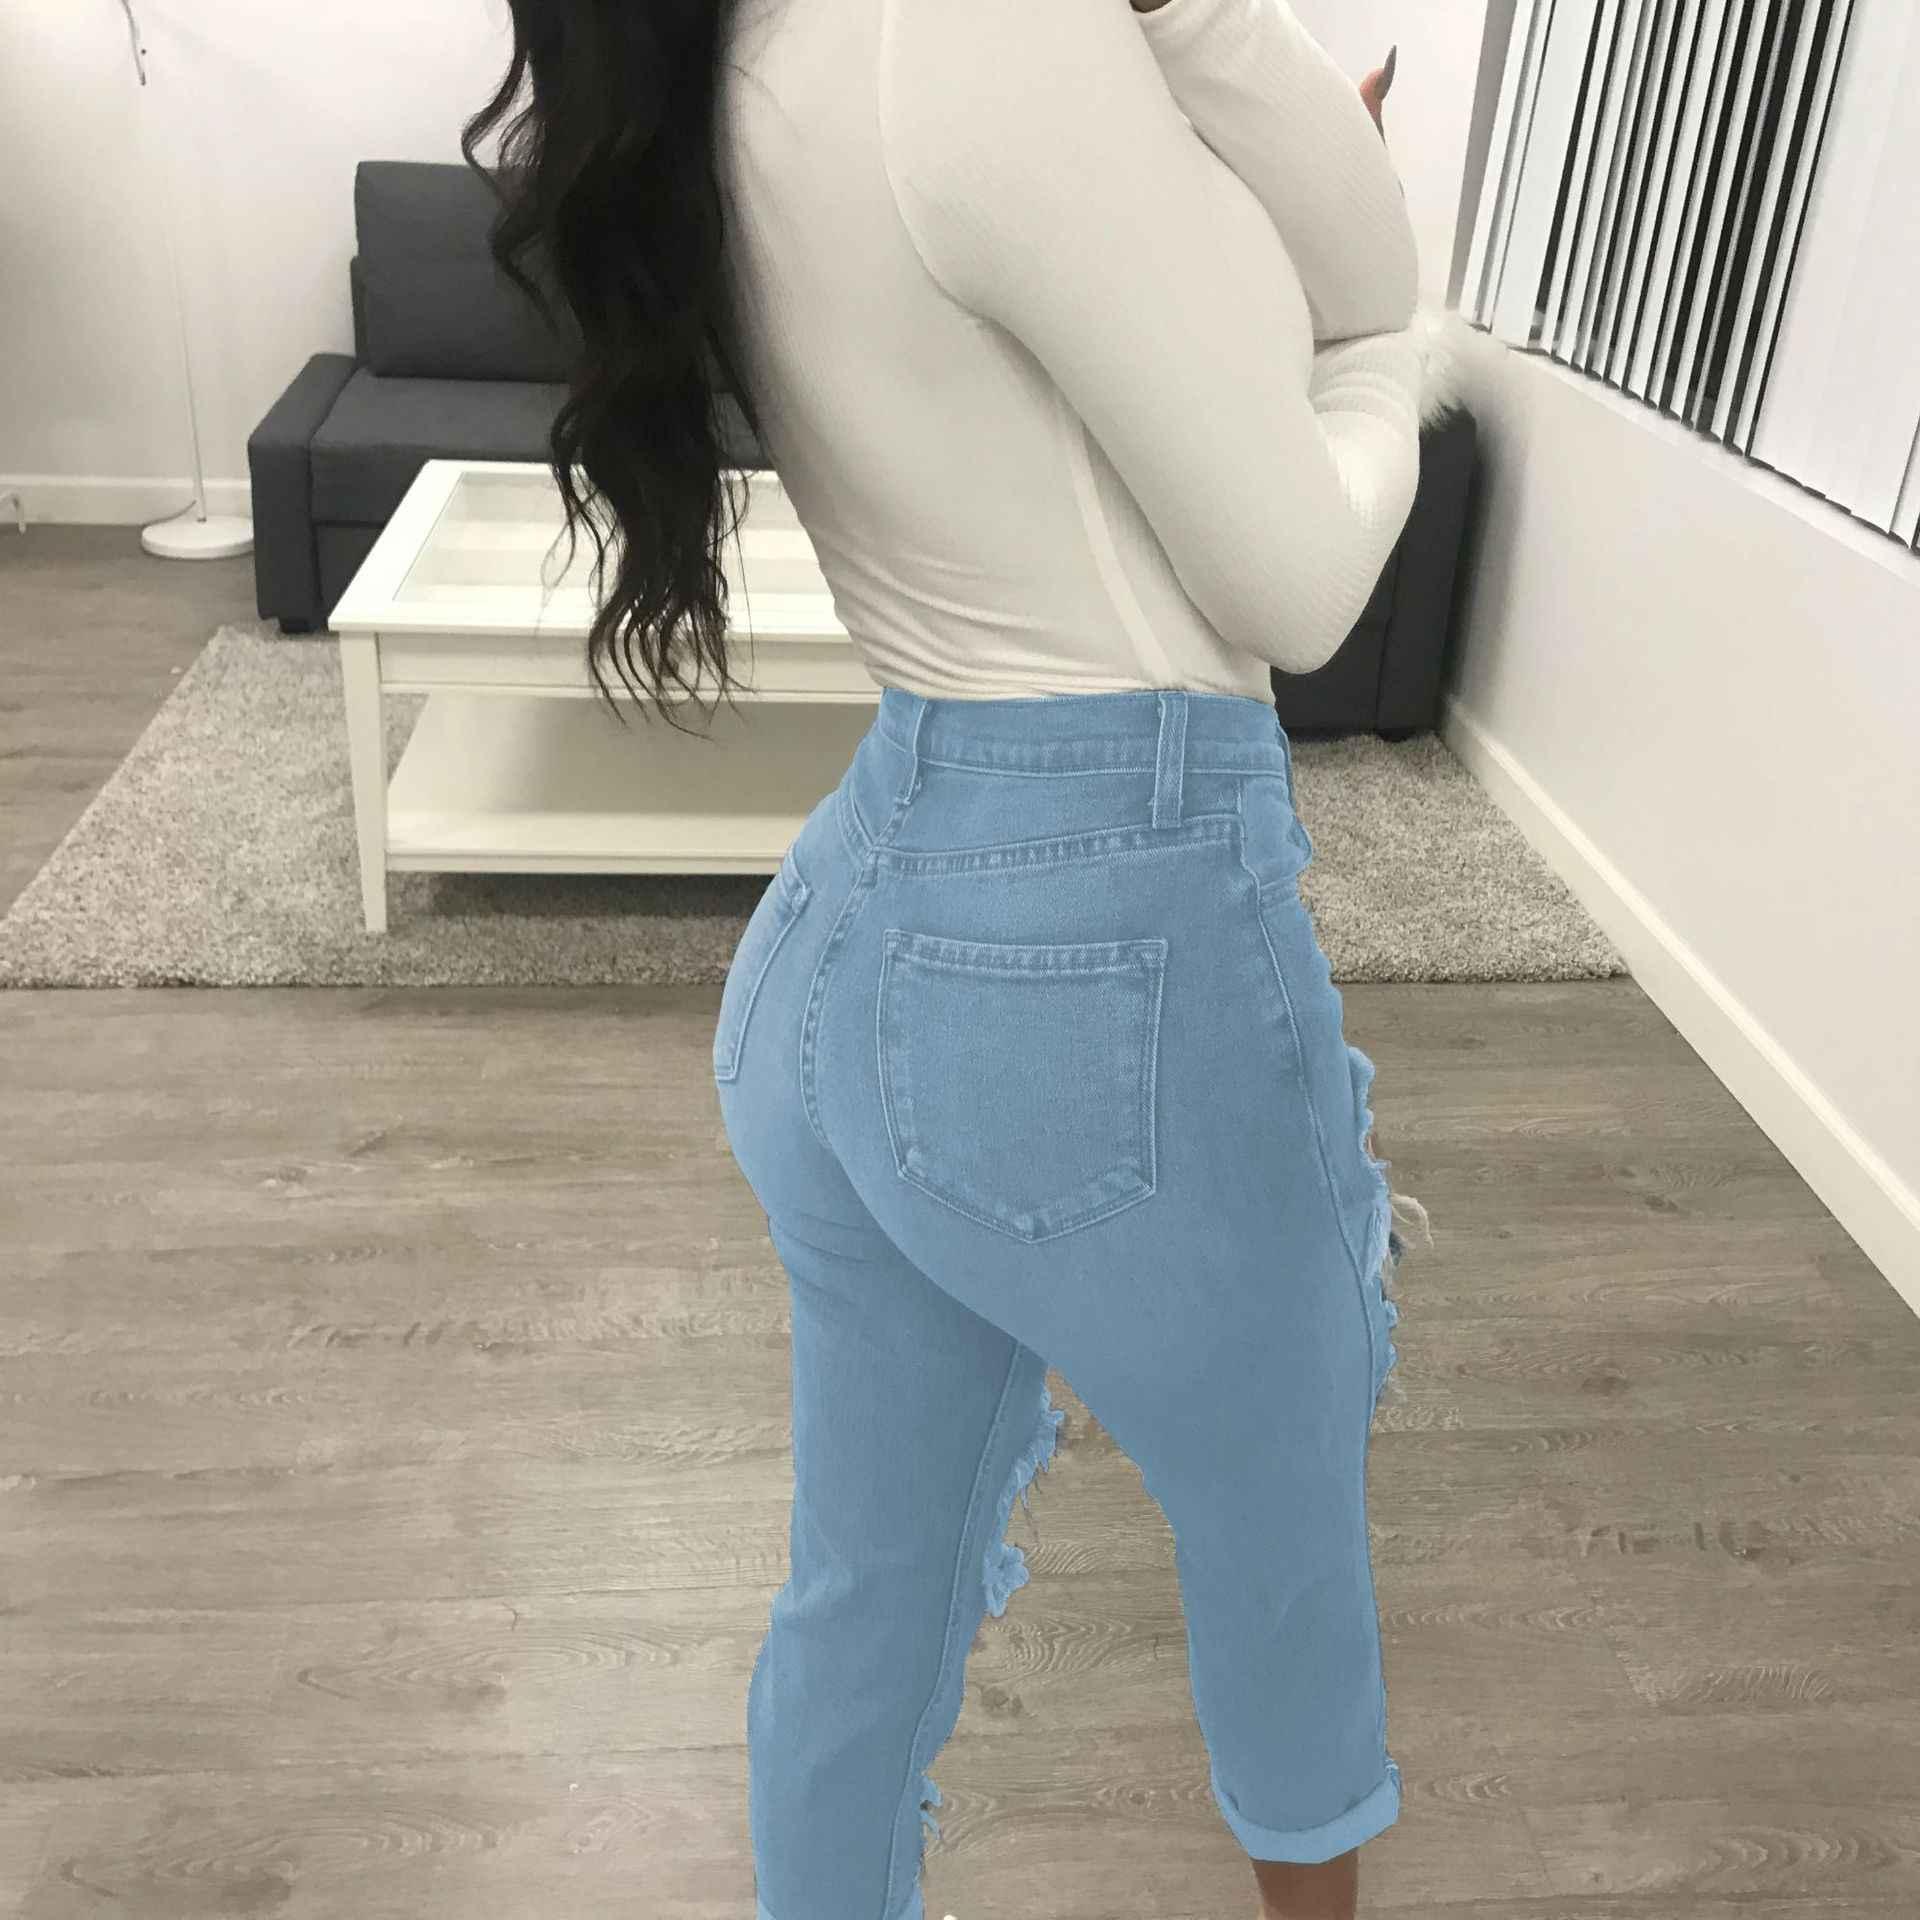 Tmustobe Jeans Rasgados Para Damas Vintage Calidad Jeans Mujer Vaqueros Slim Elasticos De Corte Alto Casual Lavado Pantalones Pitillo Pantalones Vaqueros Aliexpress